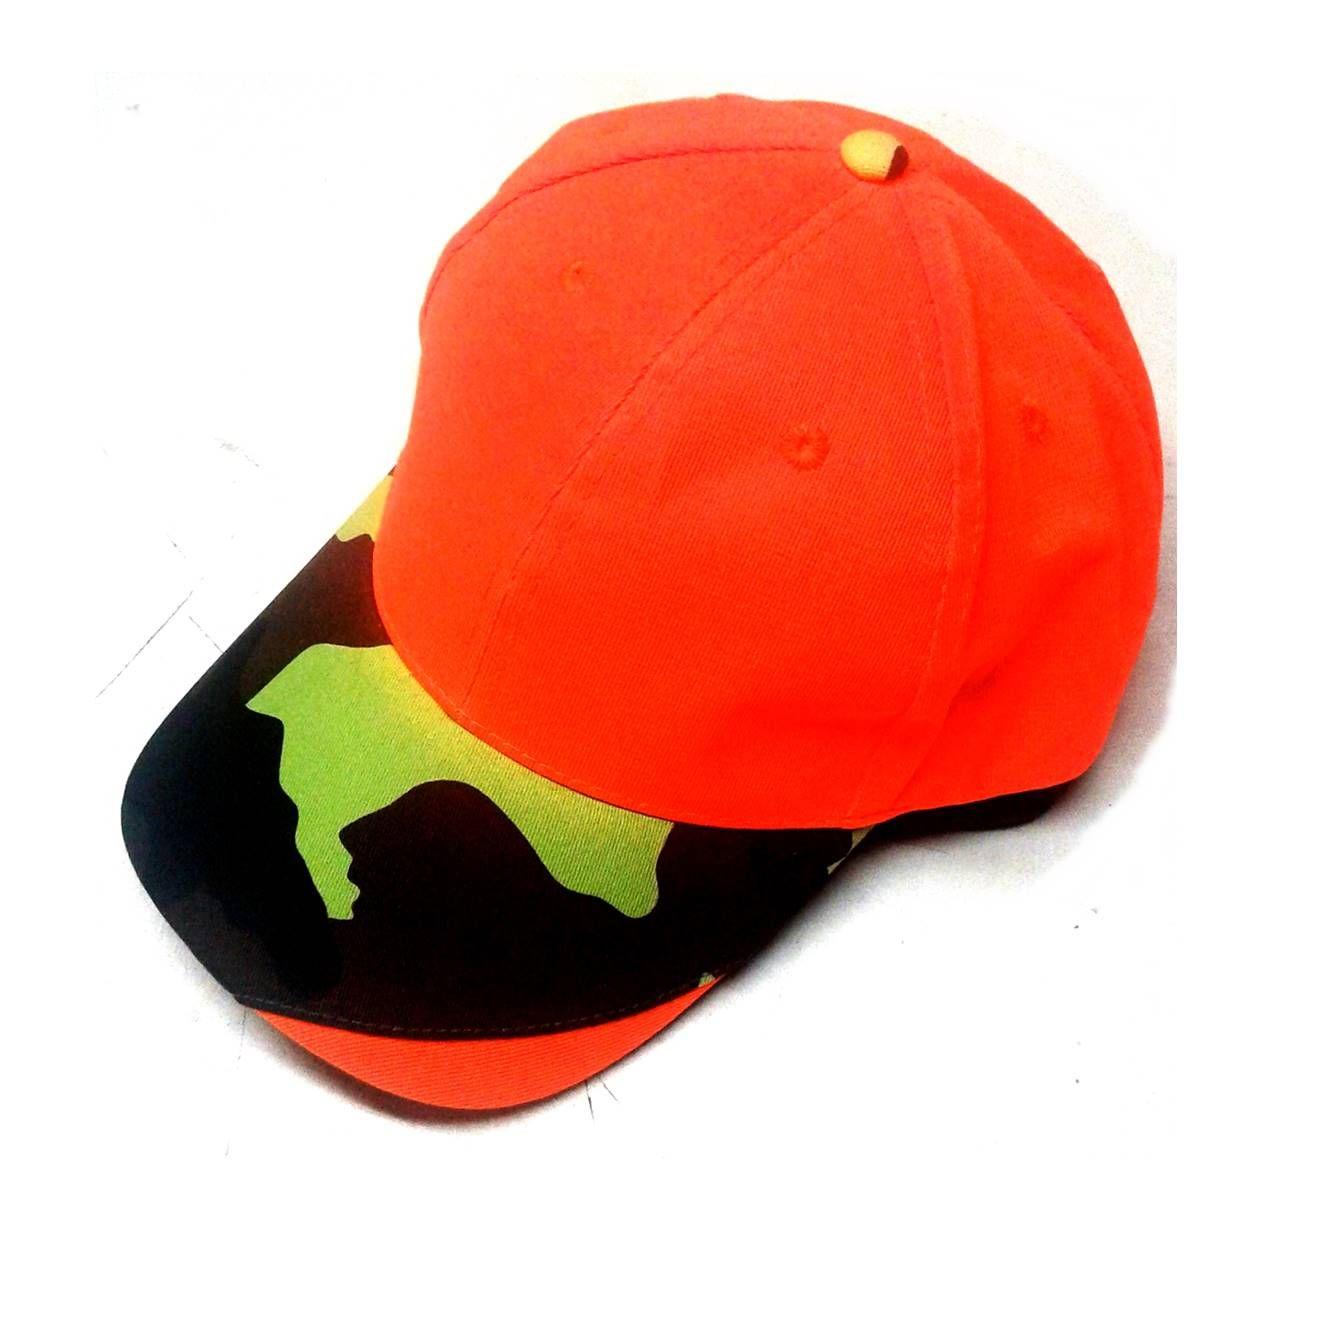 Visera reflectante color naranja, camuflaje: Tienda online de Artículos de Caza